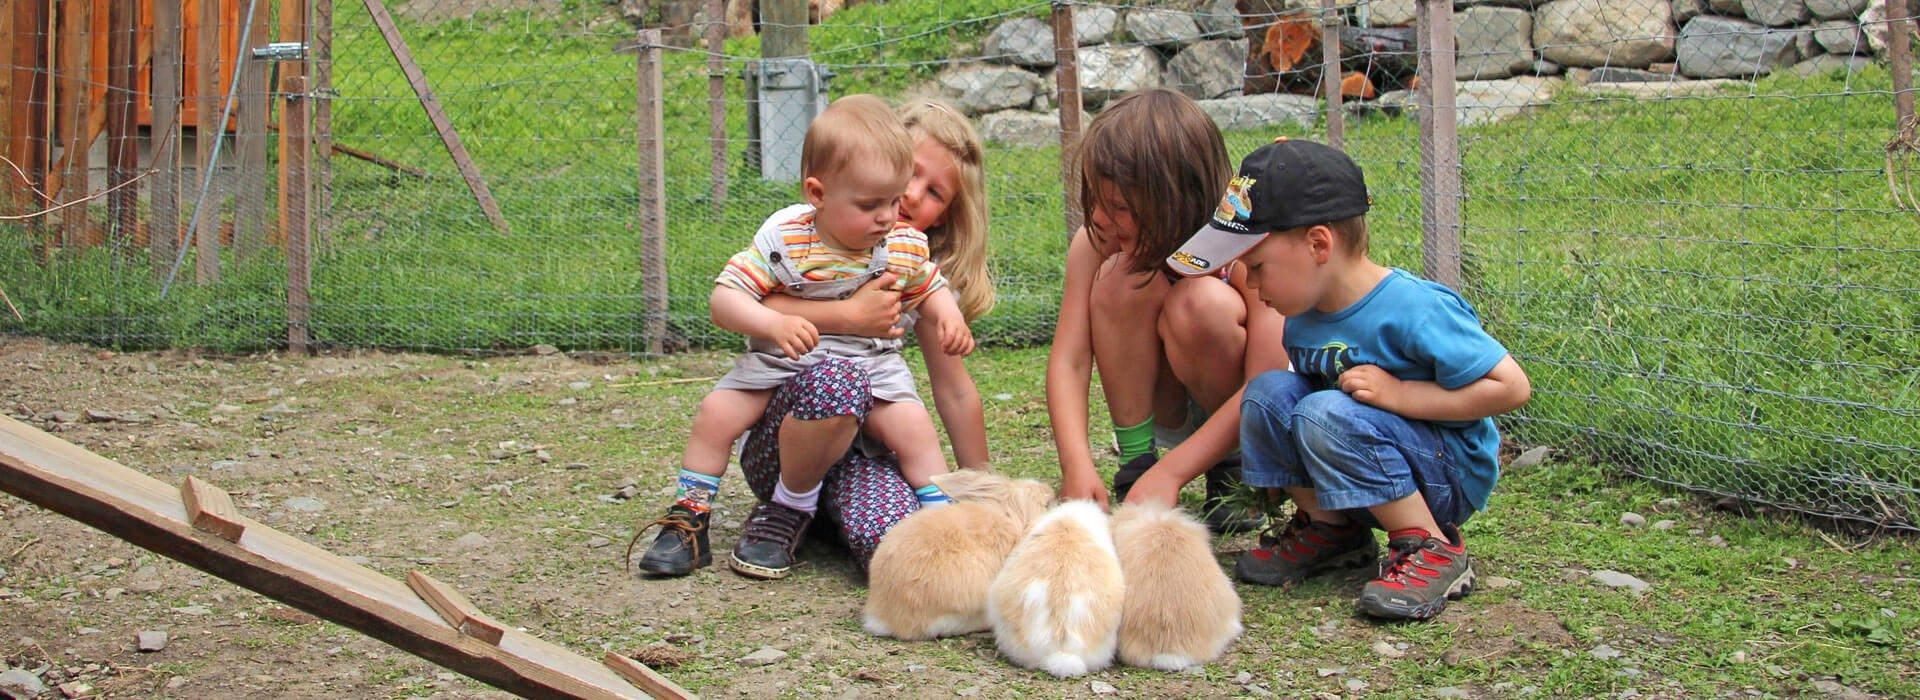 kinderferienhof-kinder